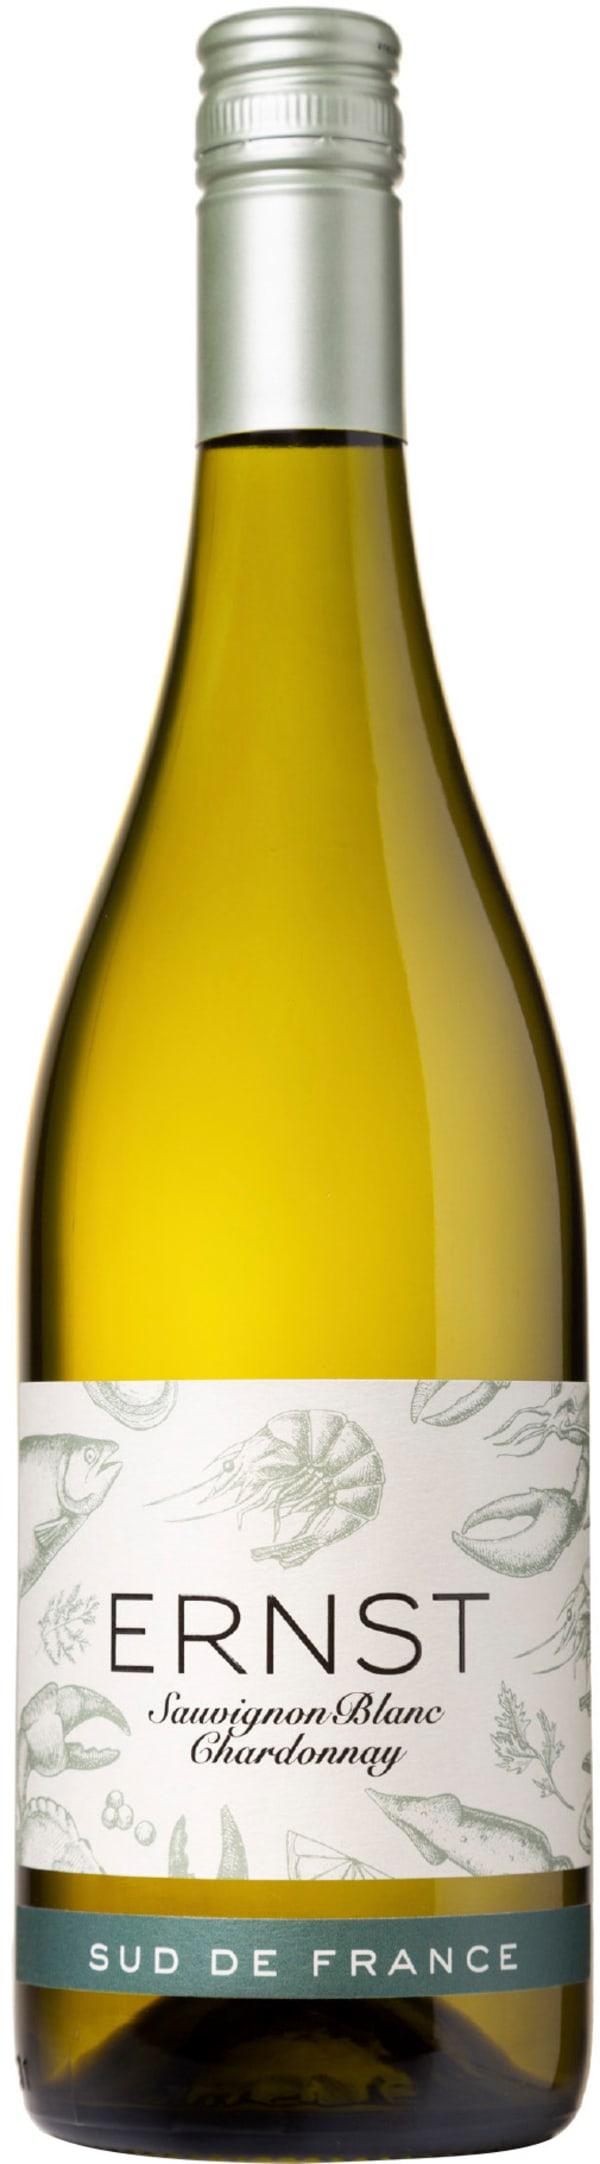 Ernst Sauvignon Blanc Chardonnay 2018